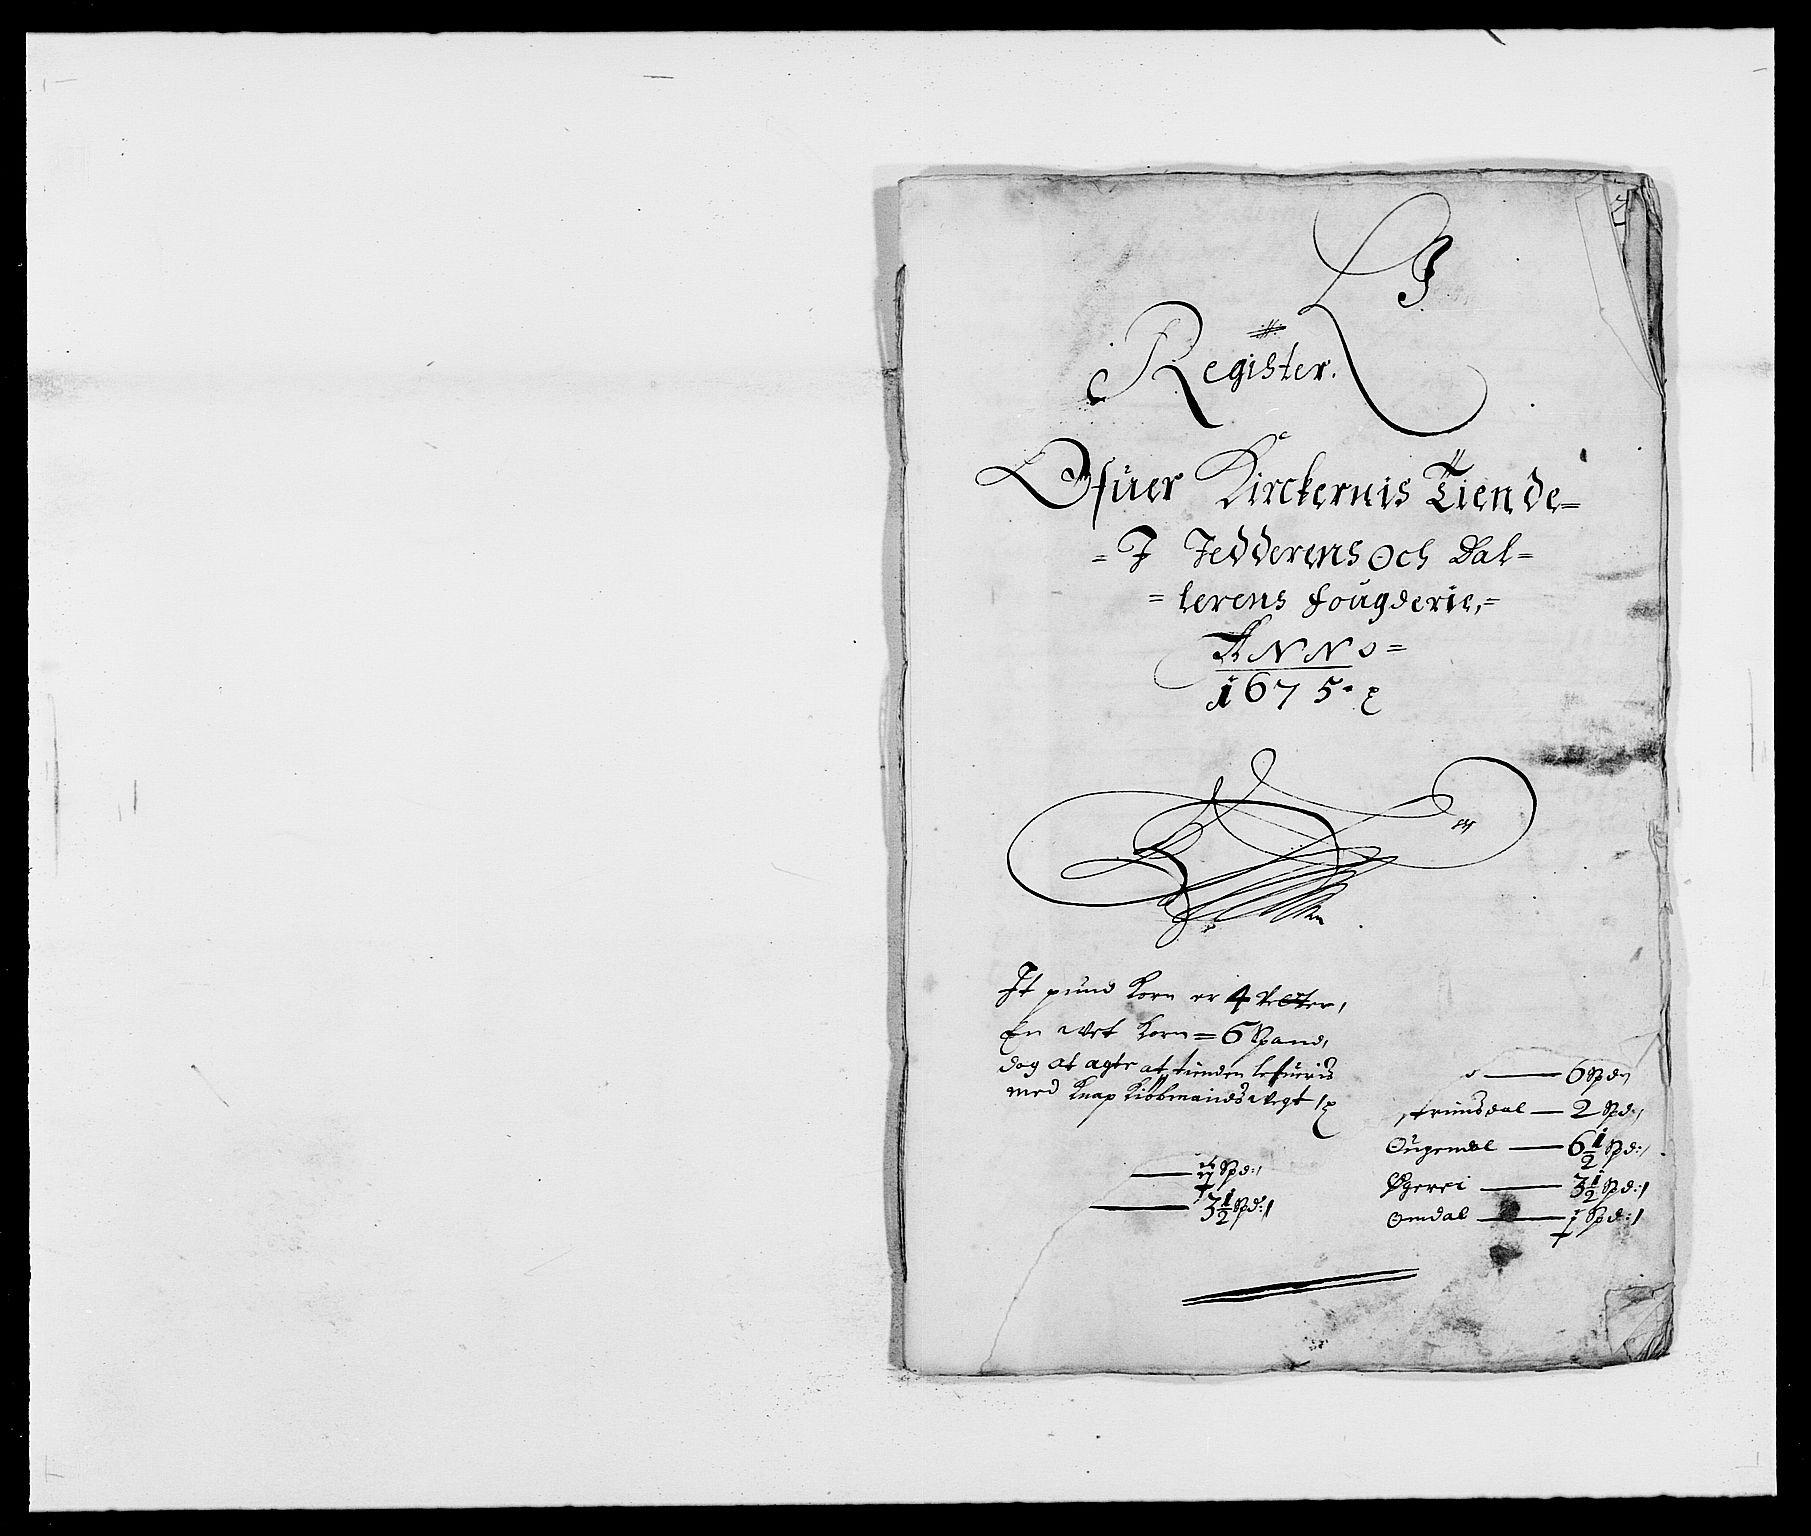 RA, Rentekammeret inntil 1814, Reviderte regnskaper, Fogderegnskap, R46/L2715: Fogderegnskap Jæren og Dalane, 1675, s. 259